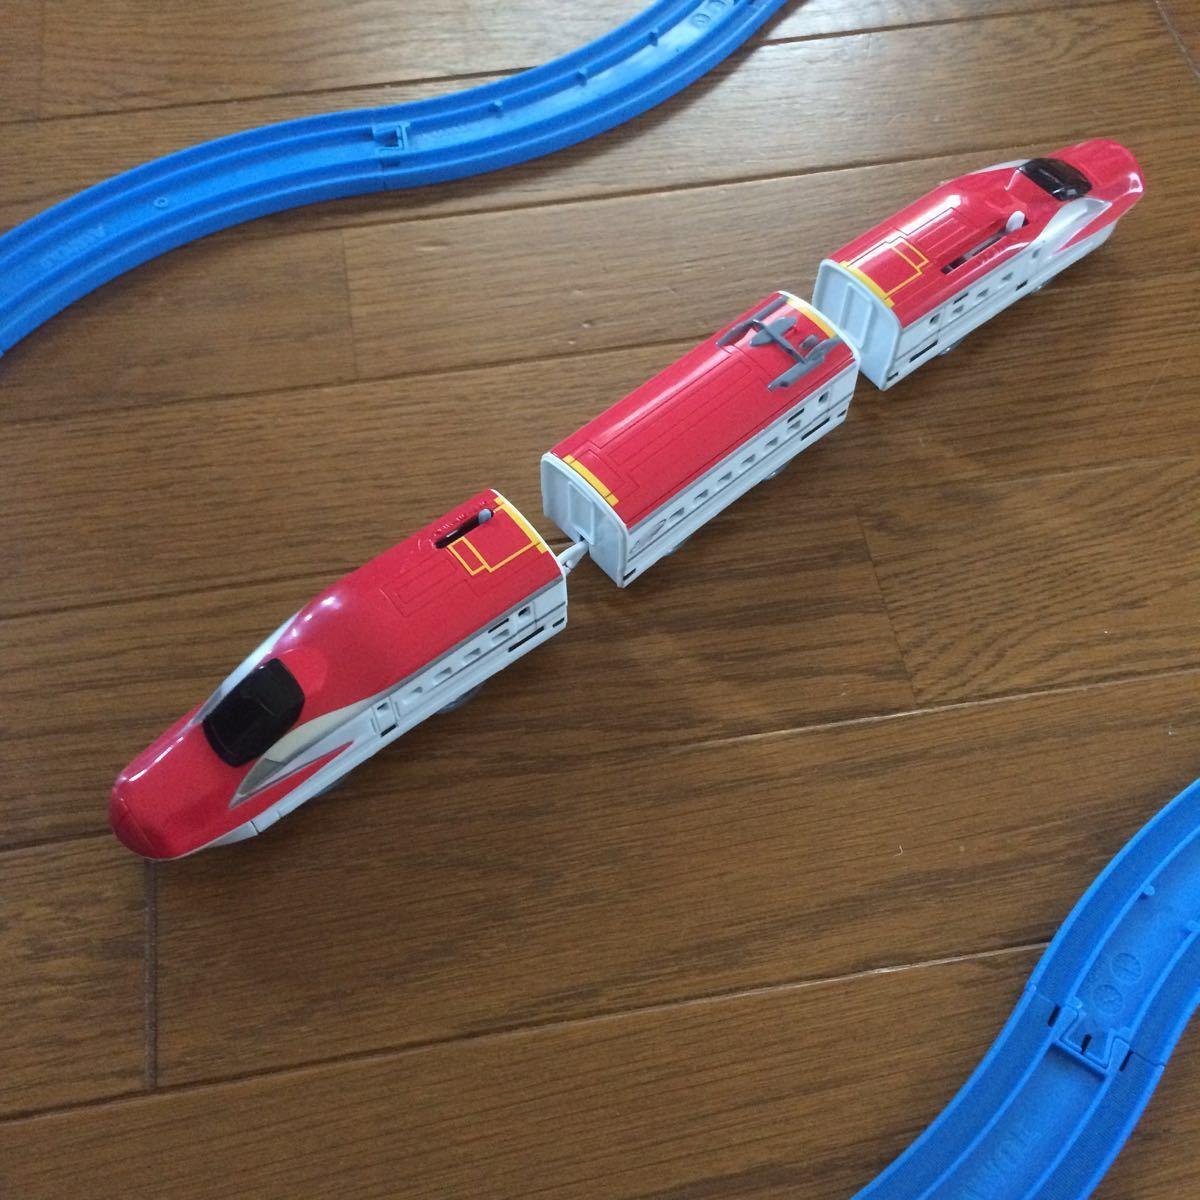 [中古]タカラトミー/E5系新幹線とE6系新幹線セット_画像2